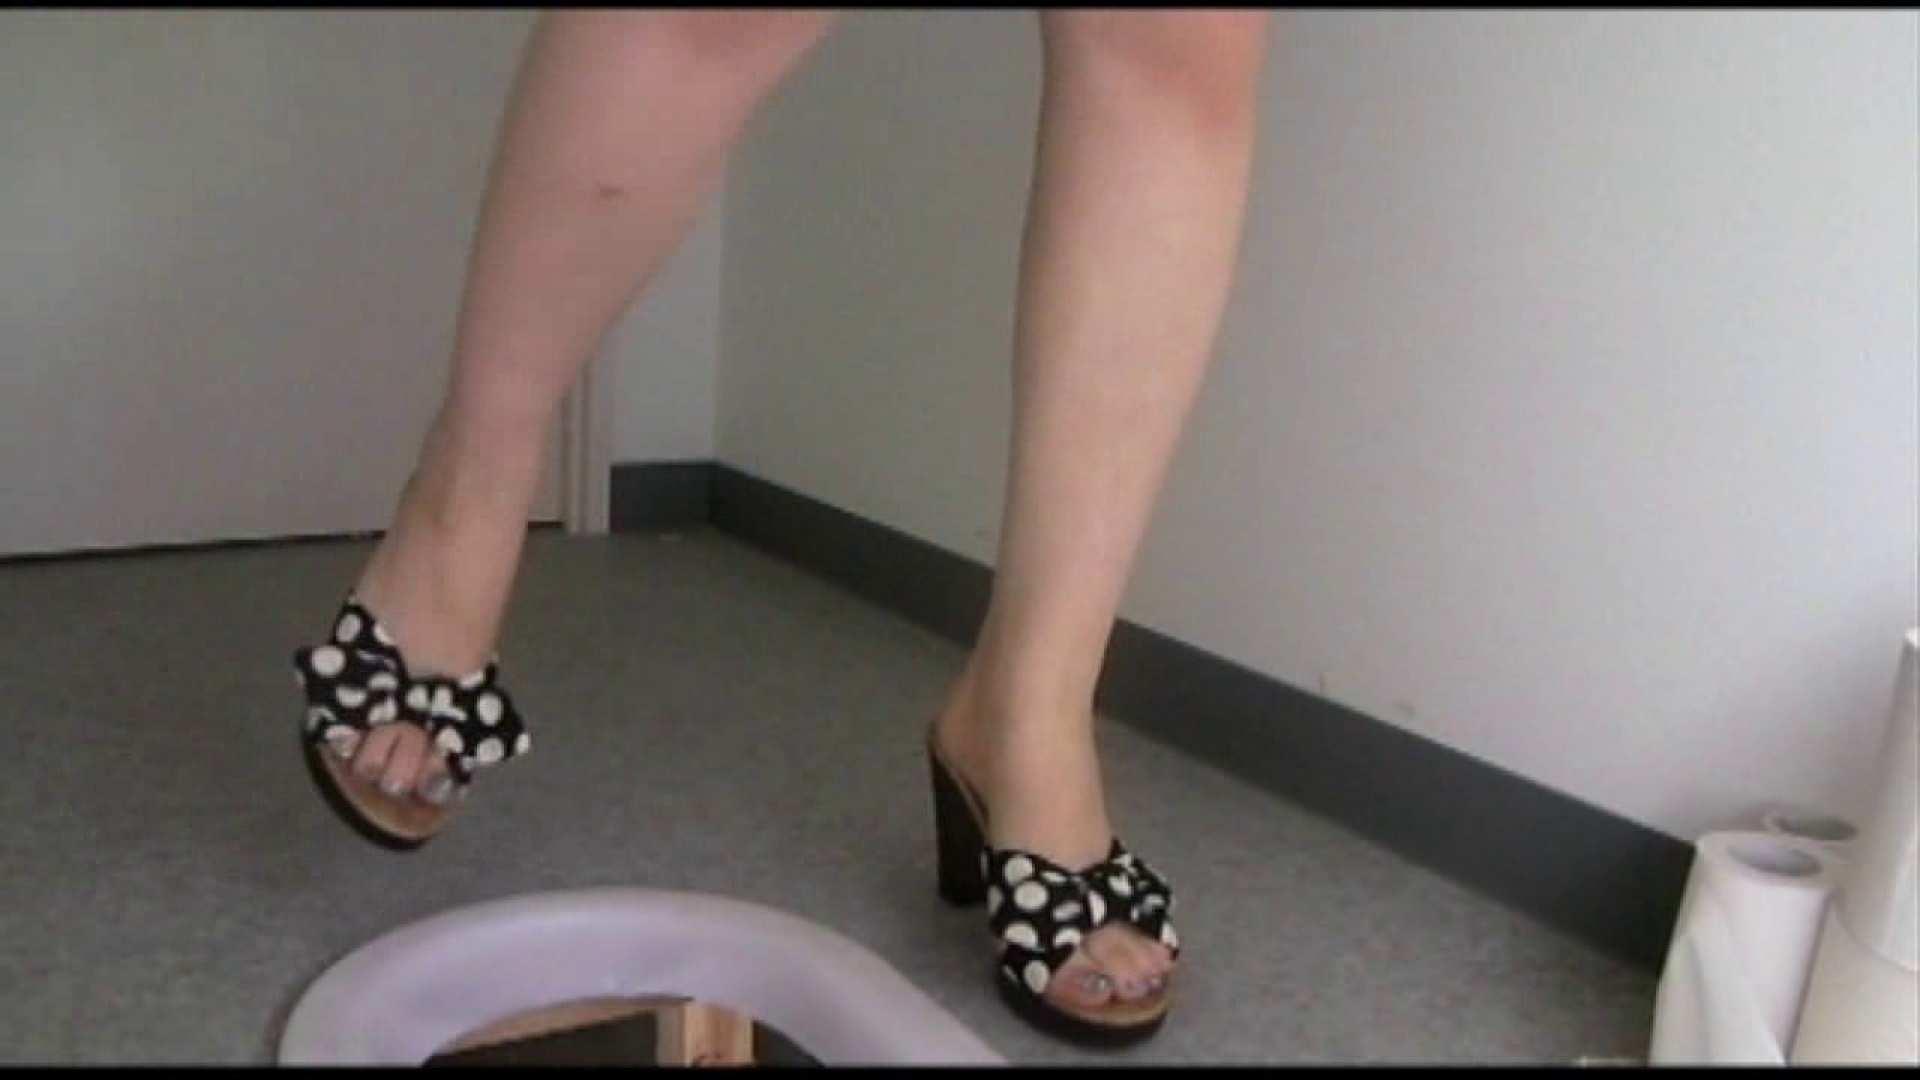 和式にまたがる女たちを待ちうけるカメラの衝撃映像vol.01 厠 | 接写  101pic 58